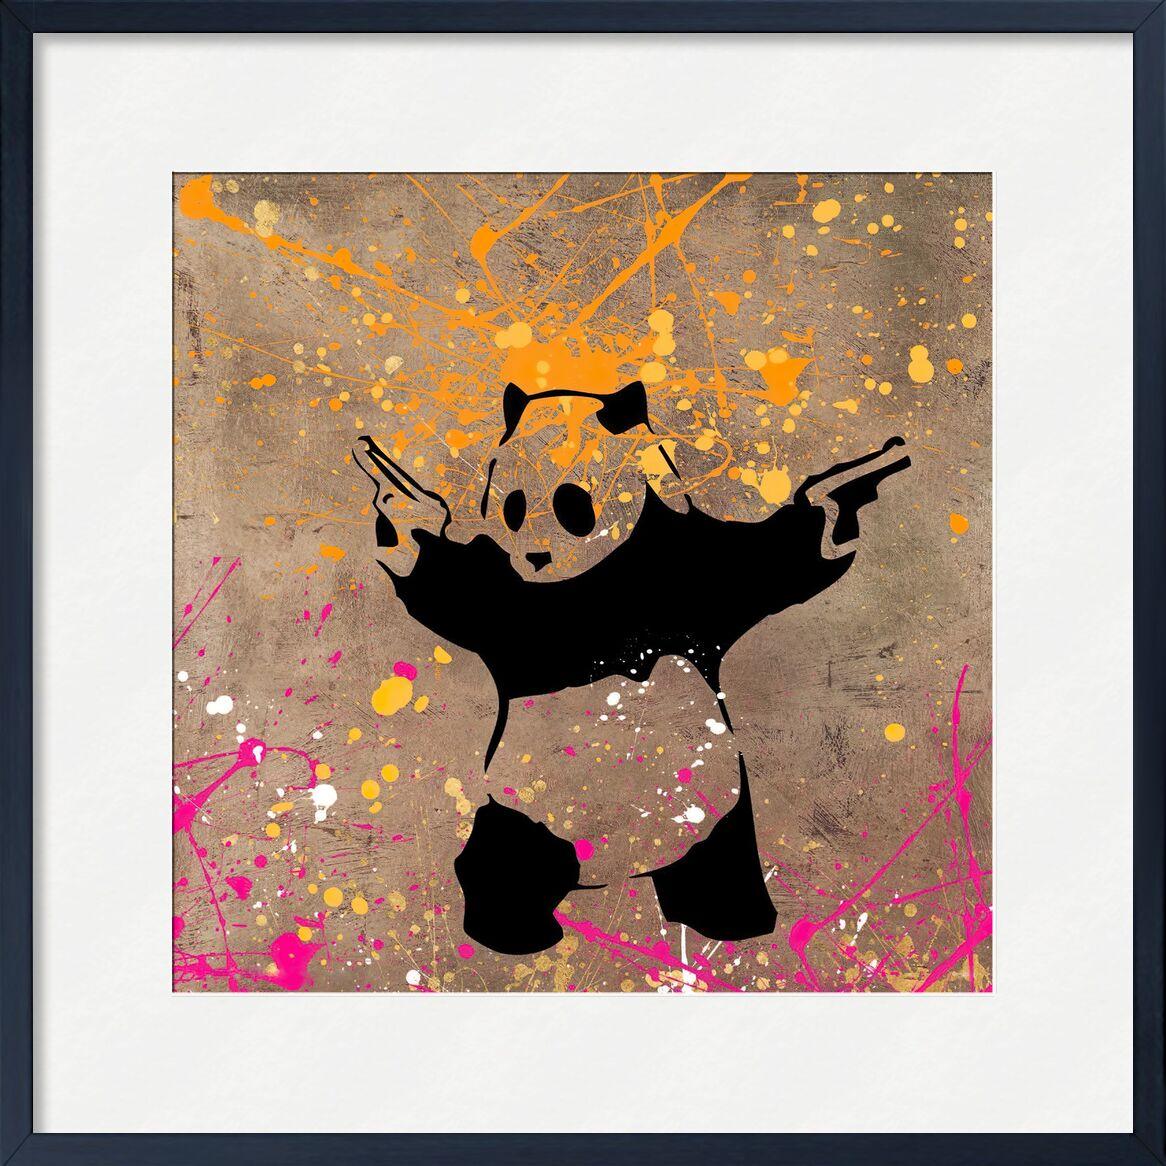 Panda with Guns - BANKSY desde AUX BEAUX-ARTS, Prodi Art, panda, pistolas, arte callejero, Banksy, pintada